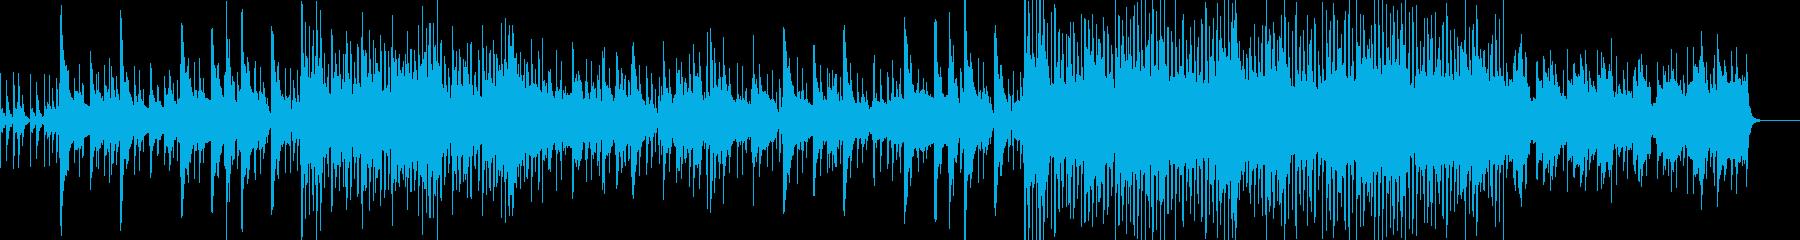 癒:清浄で安全な場所の曲の再生済みの波形